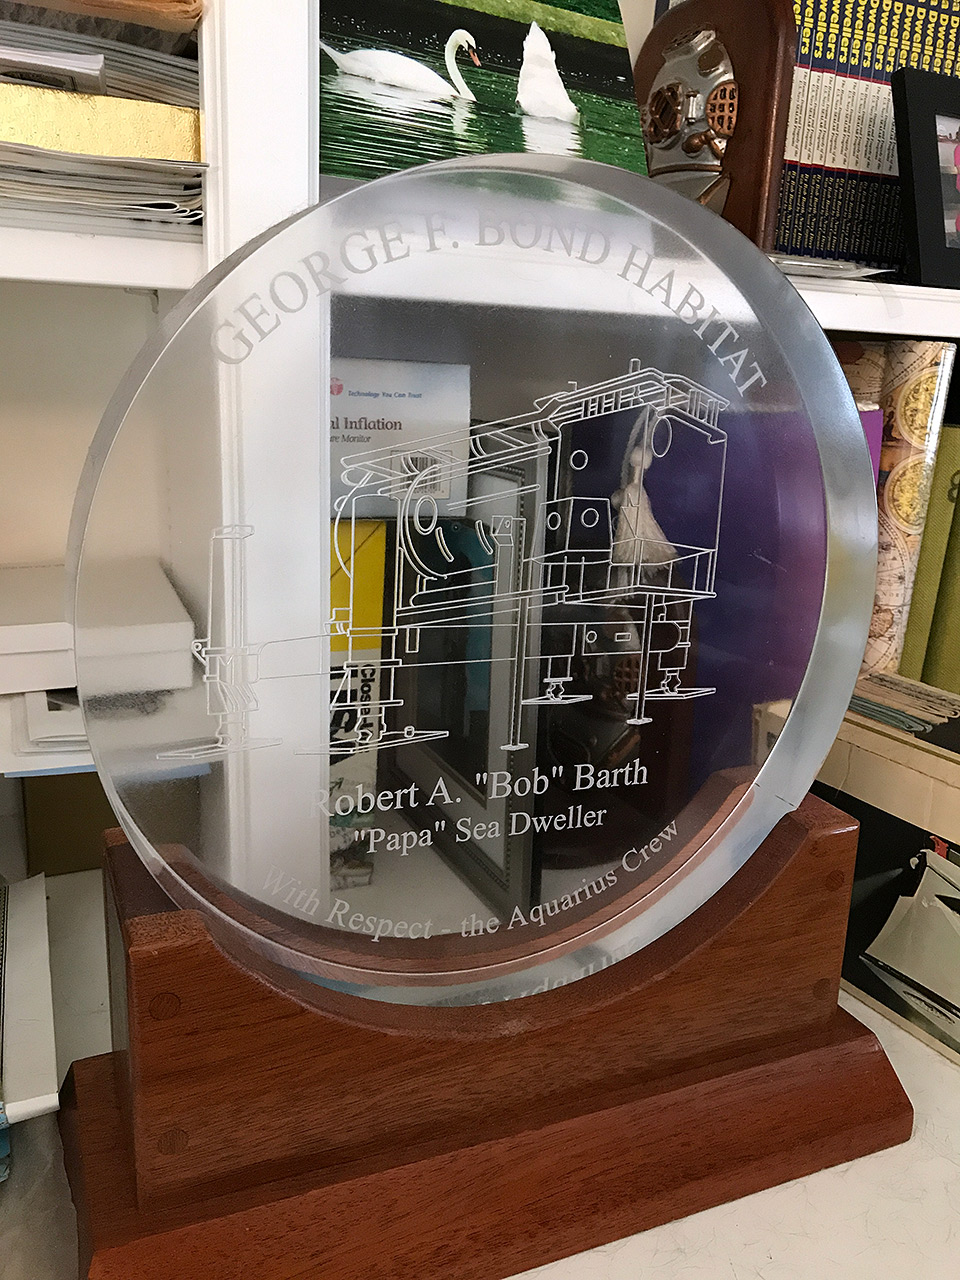 171022-bob-barth-award-aquarius-habitat